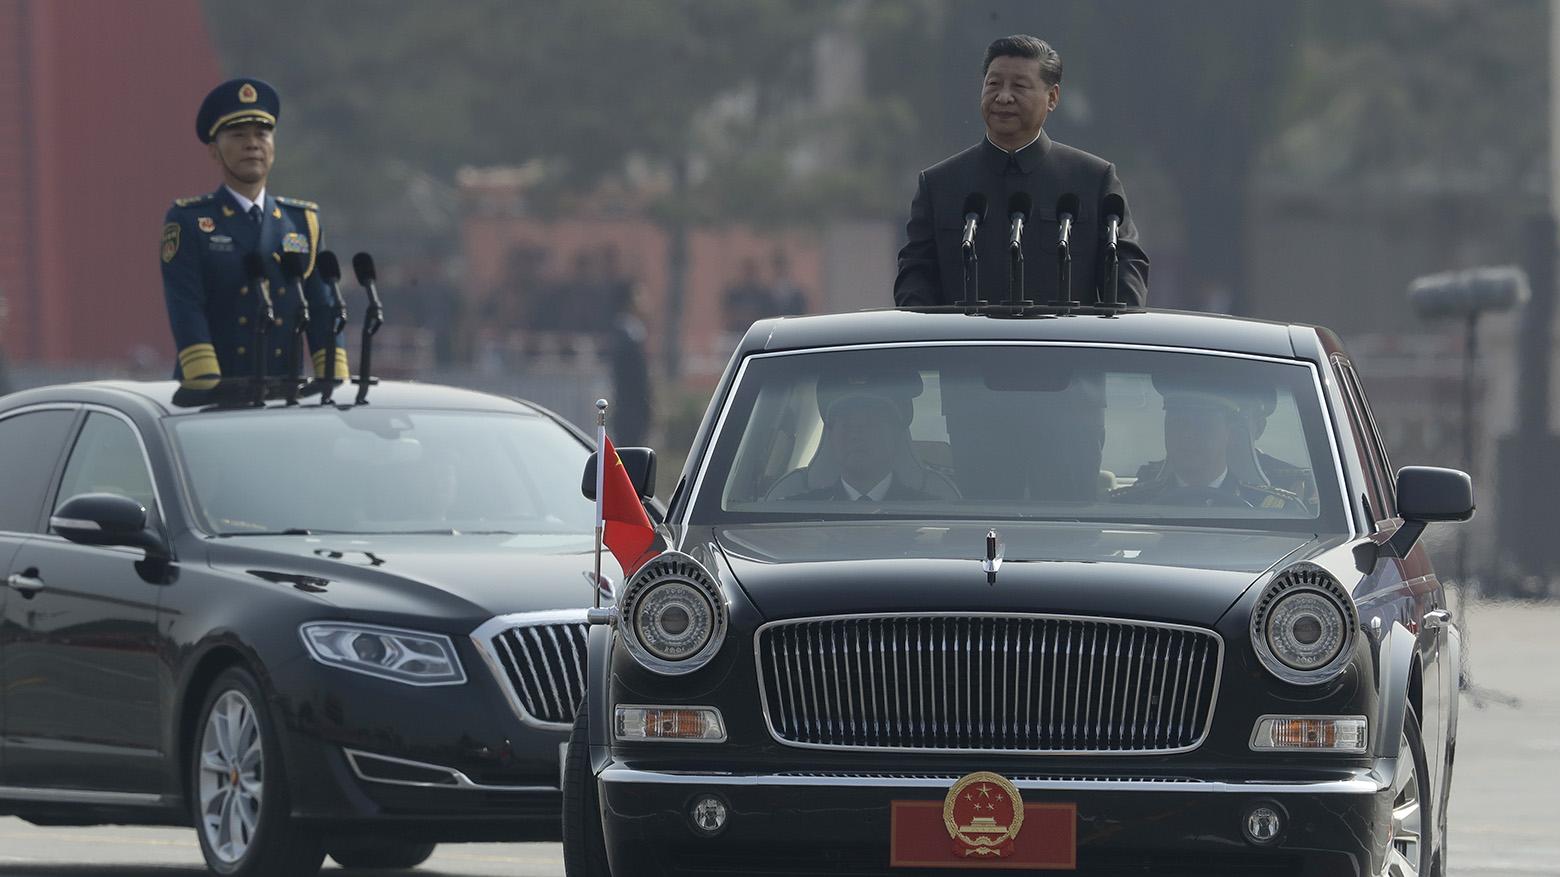 中国国家主席习近平(右)在庆祝中国国庆70周年的阅兵式上。(美联社)